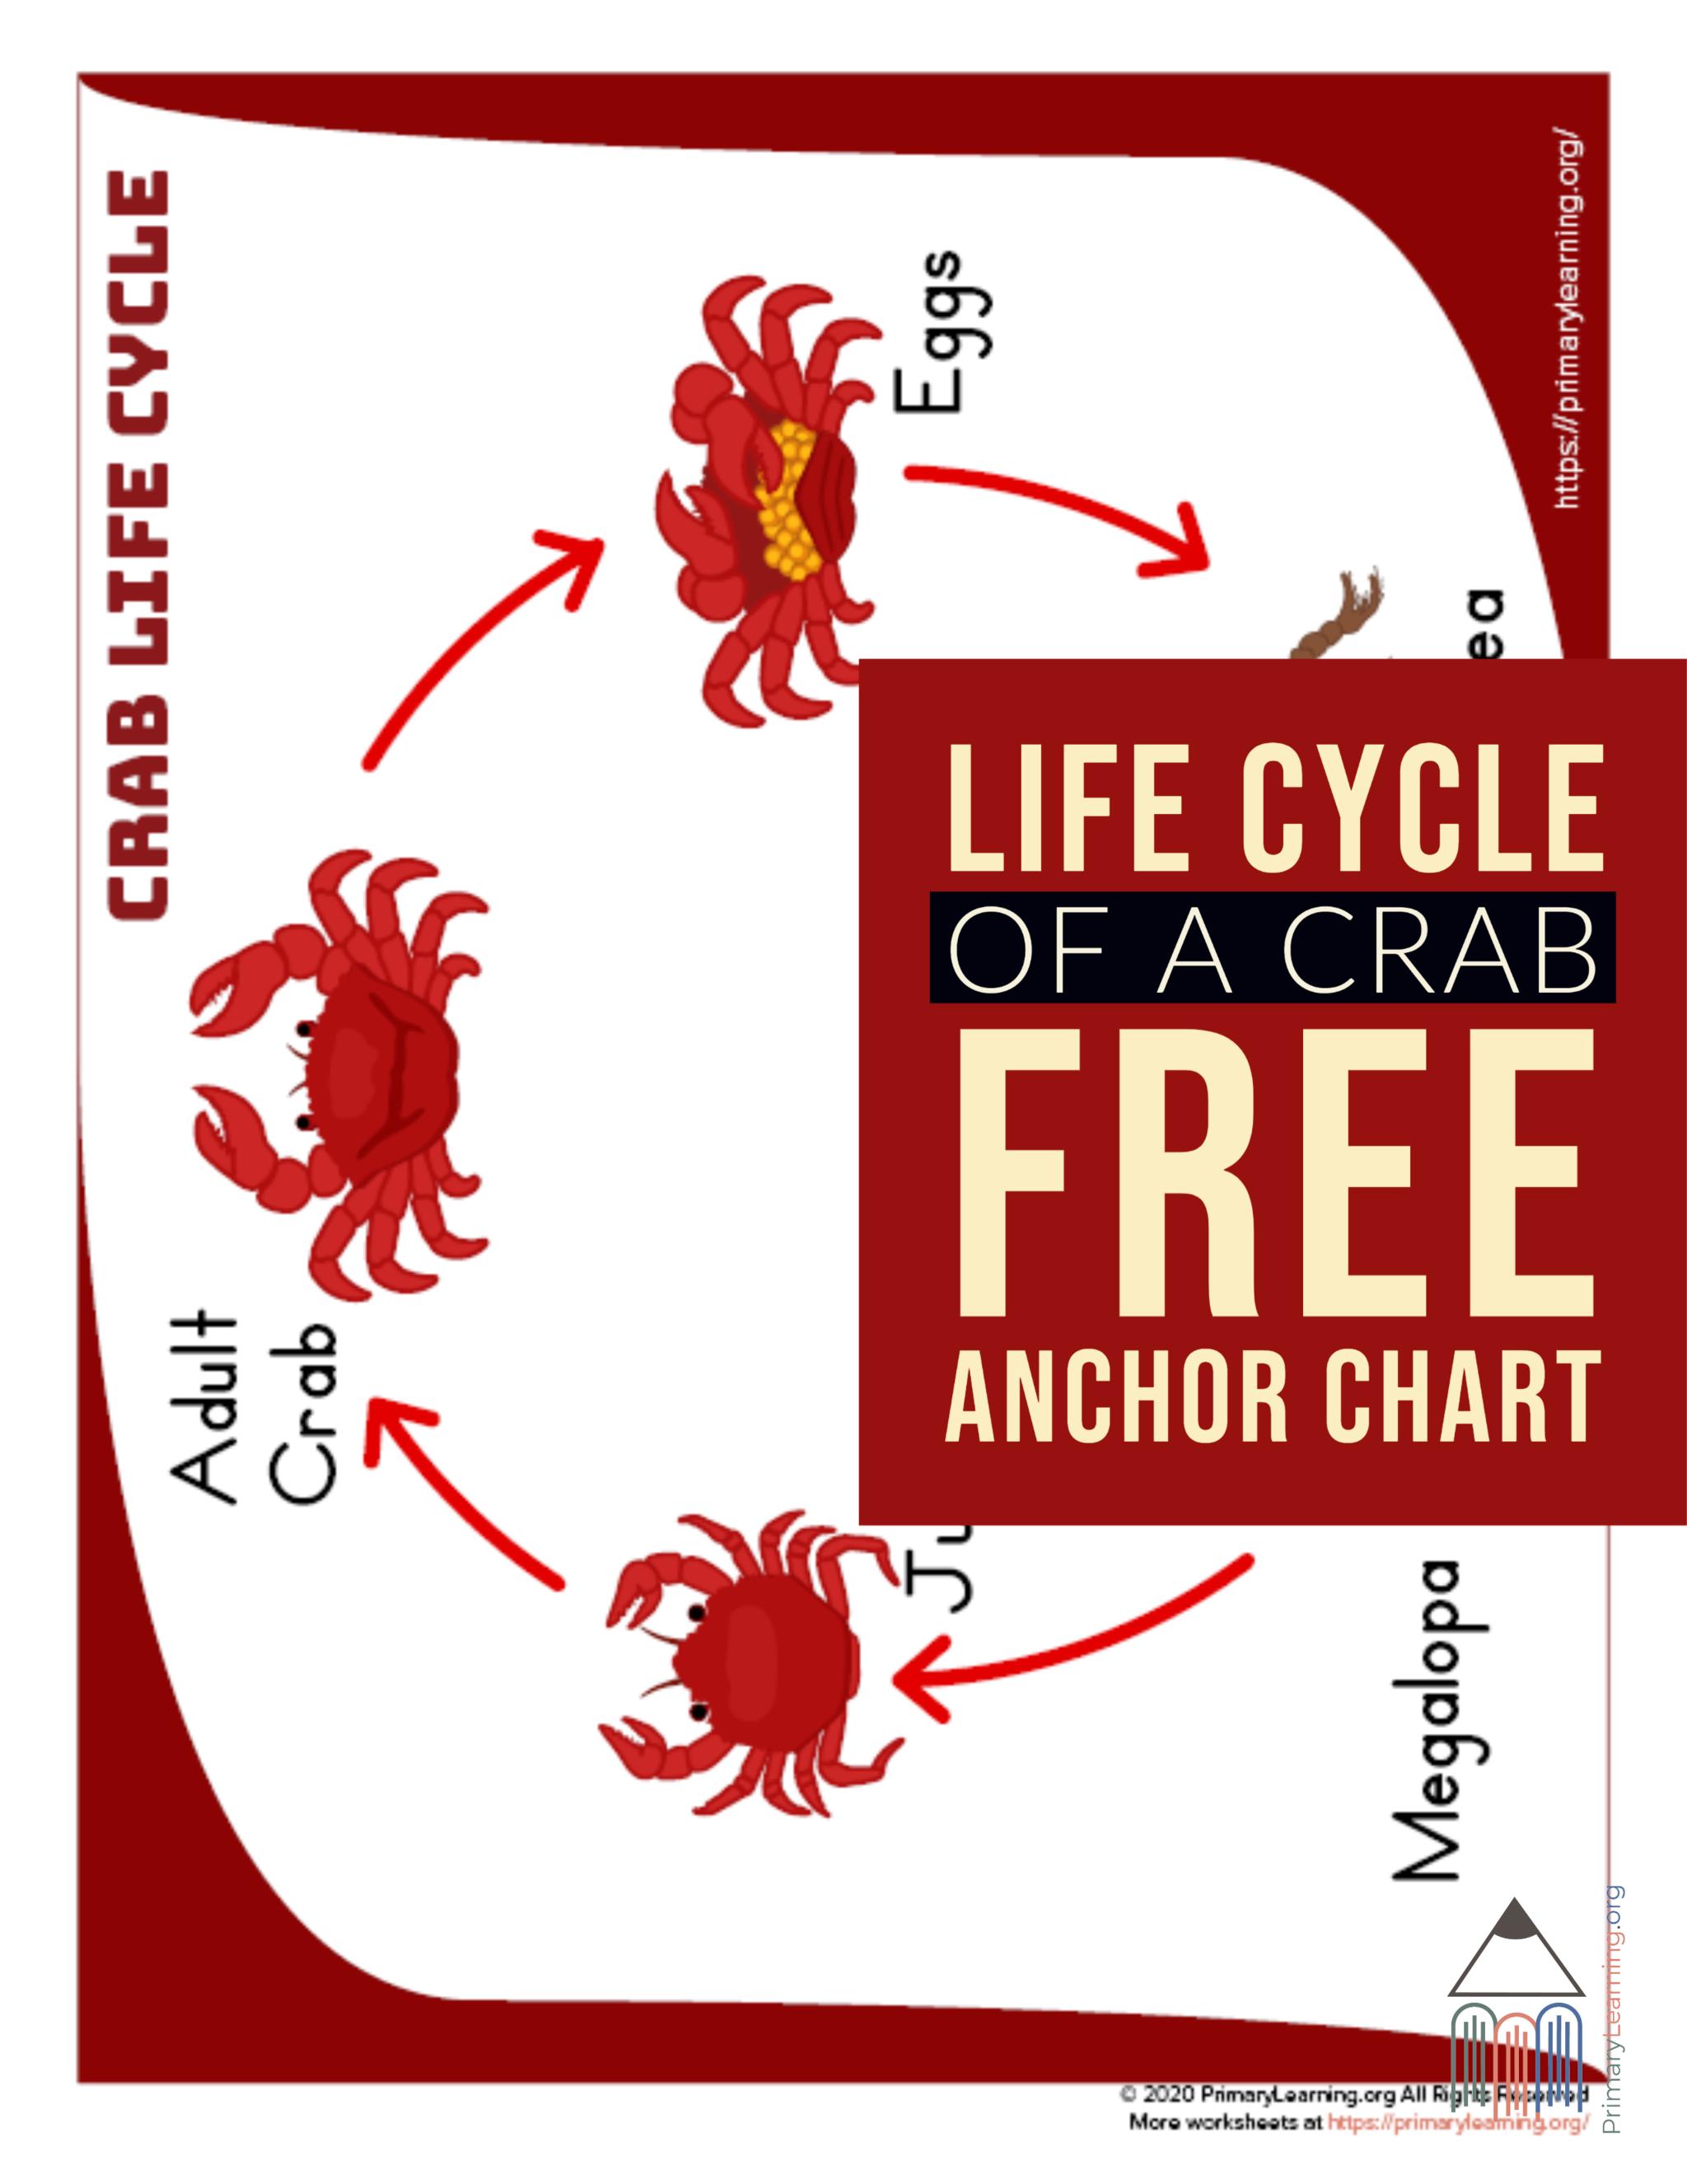 Crab Life Cycle Anchor Chart